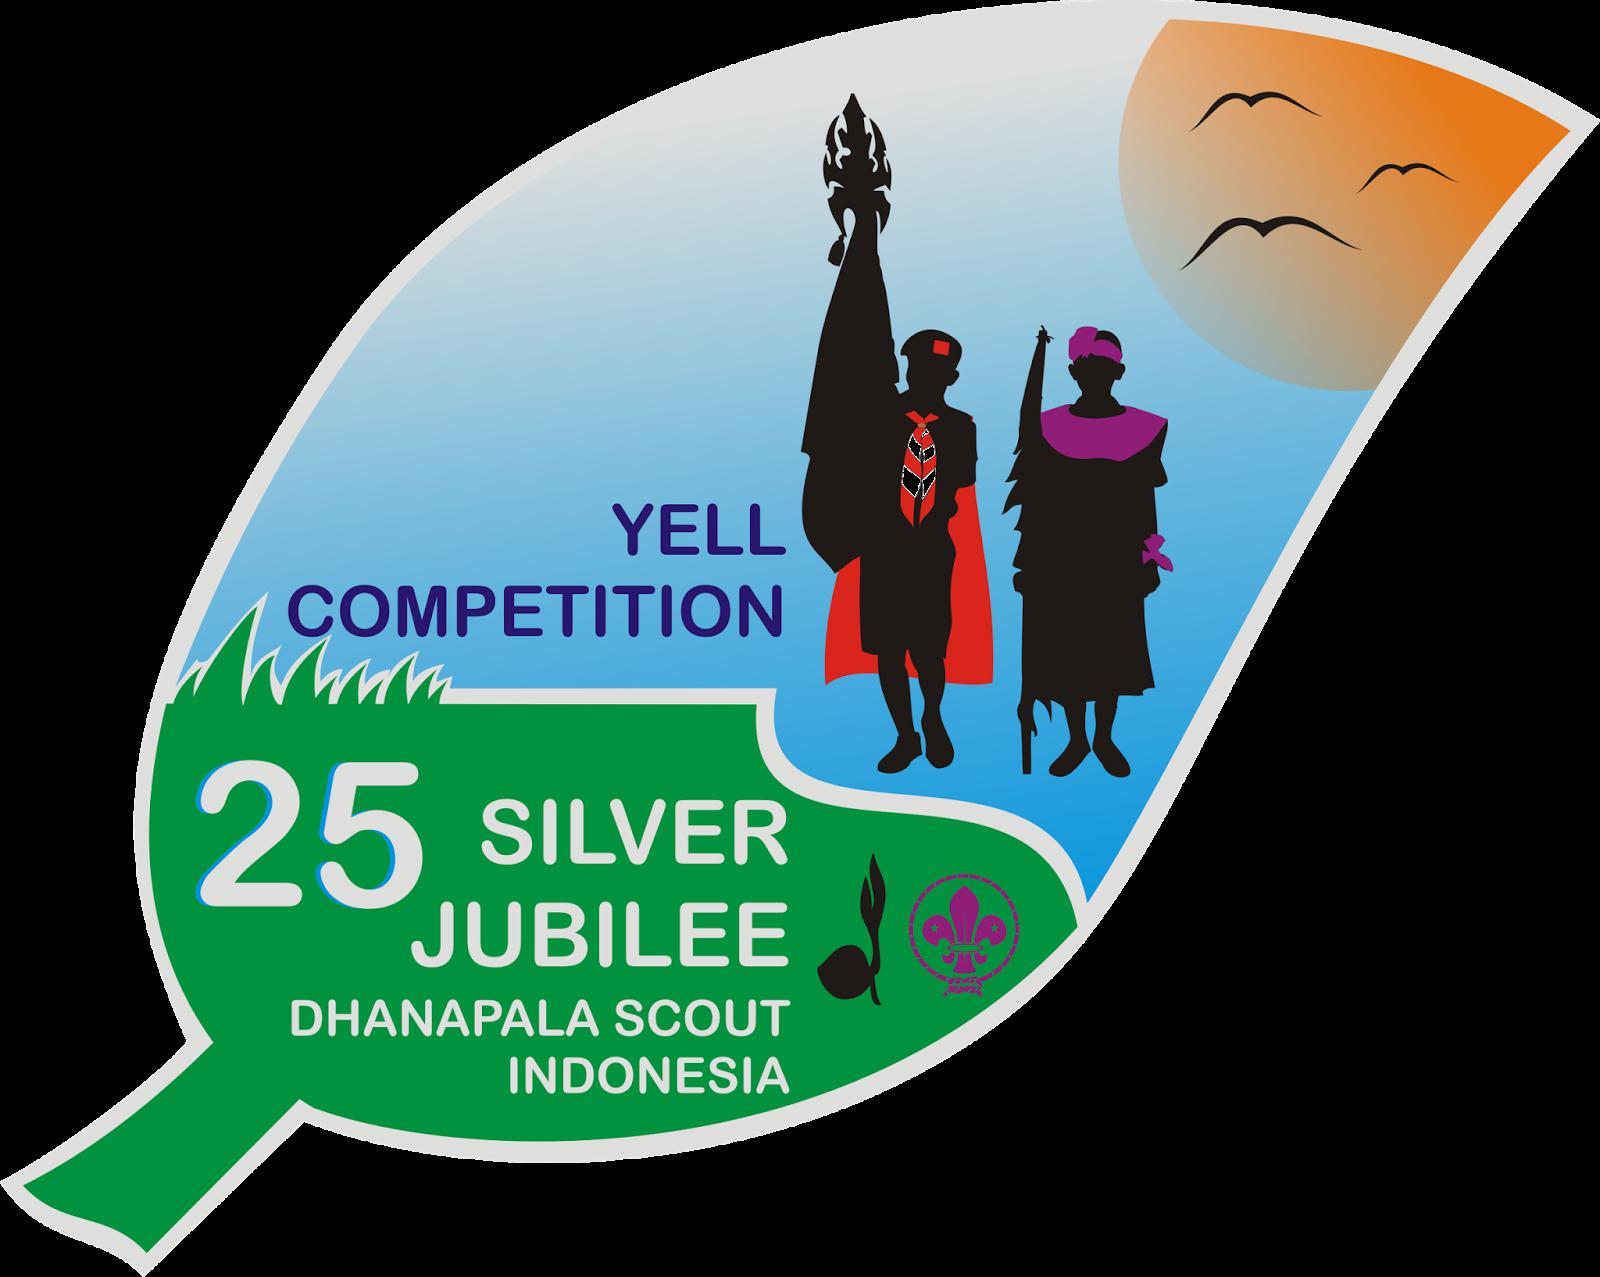 Dhanapalascout Aneka Badge Regu Pramuka Penggalang Yell Competition Merupakan Ajang Tanding Yang Dilaksanakan Oleh 8 Orang Putra Dan Putri Per Pangkalan